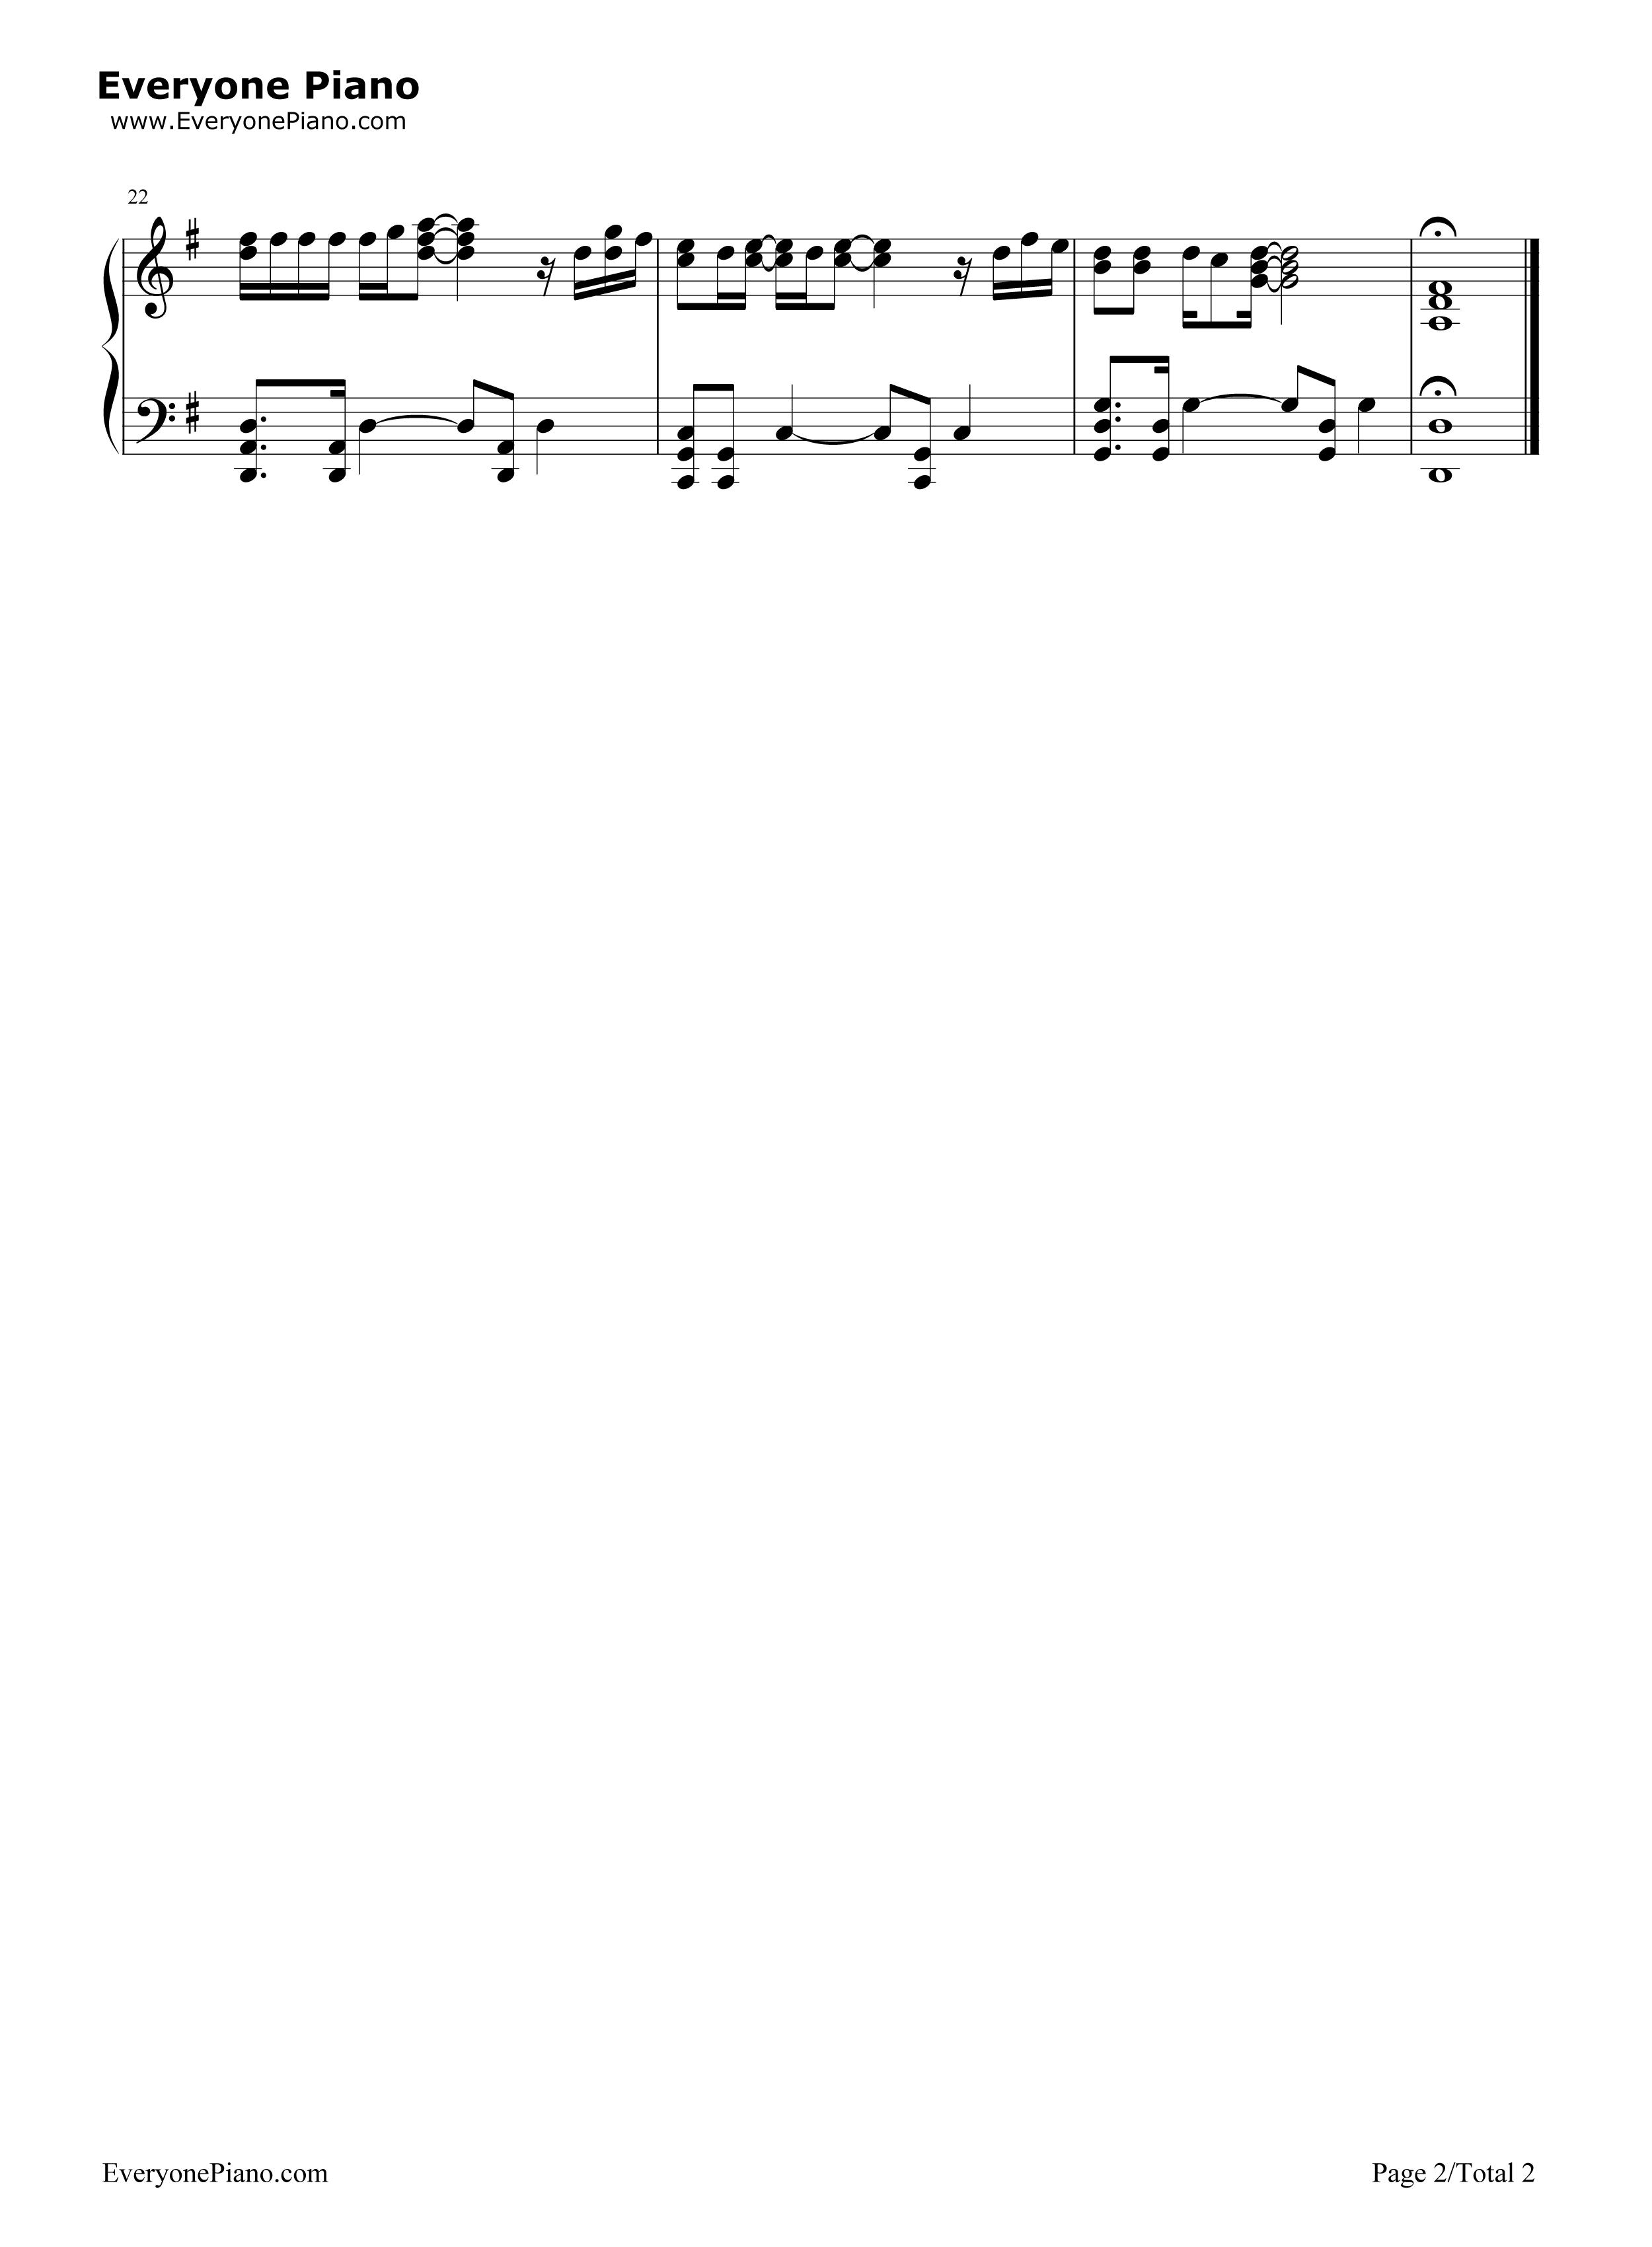 royals chords